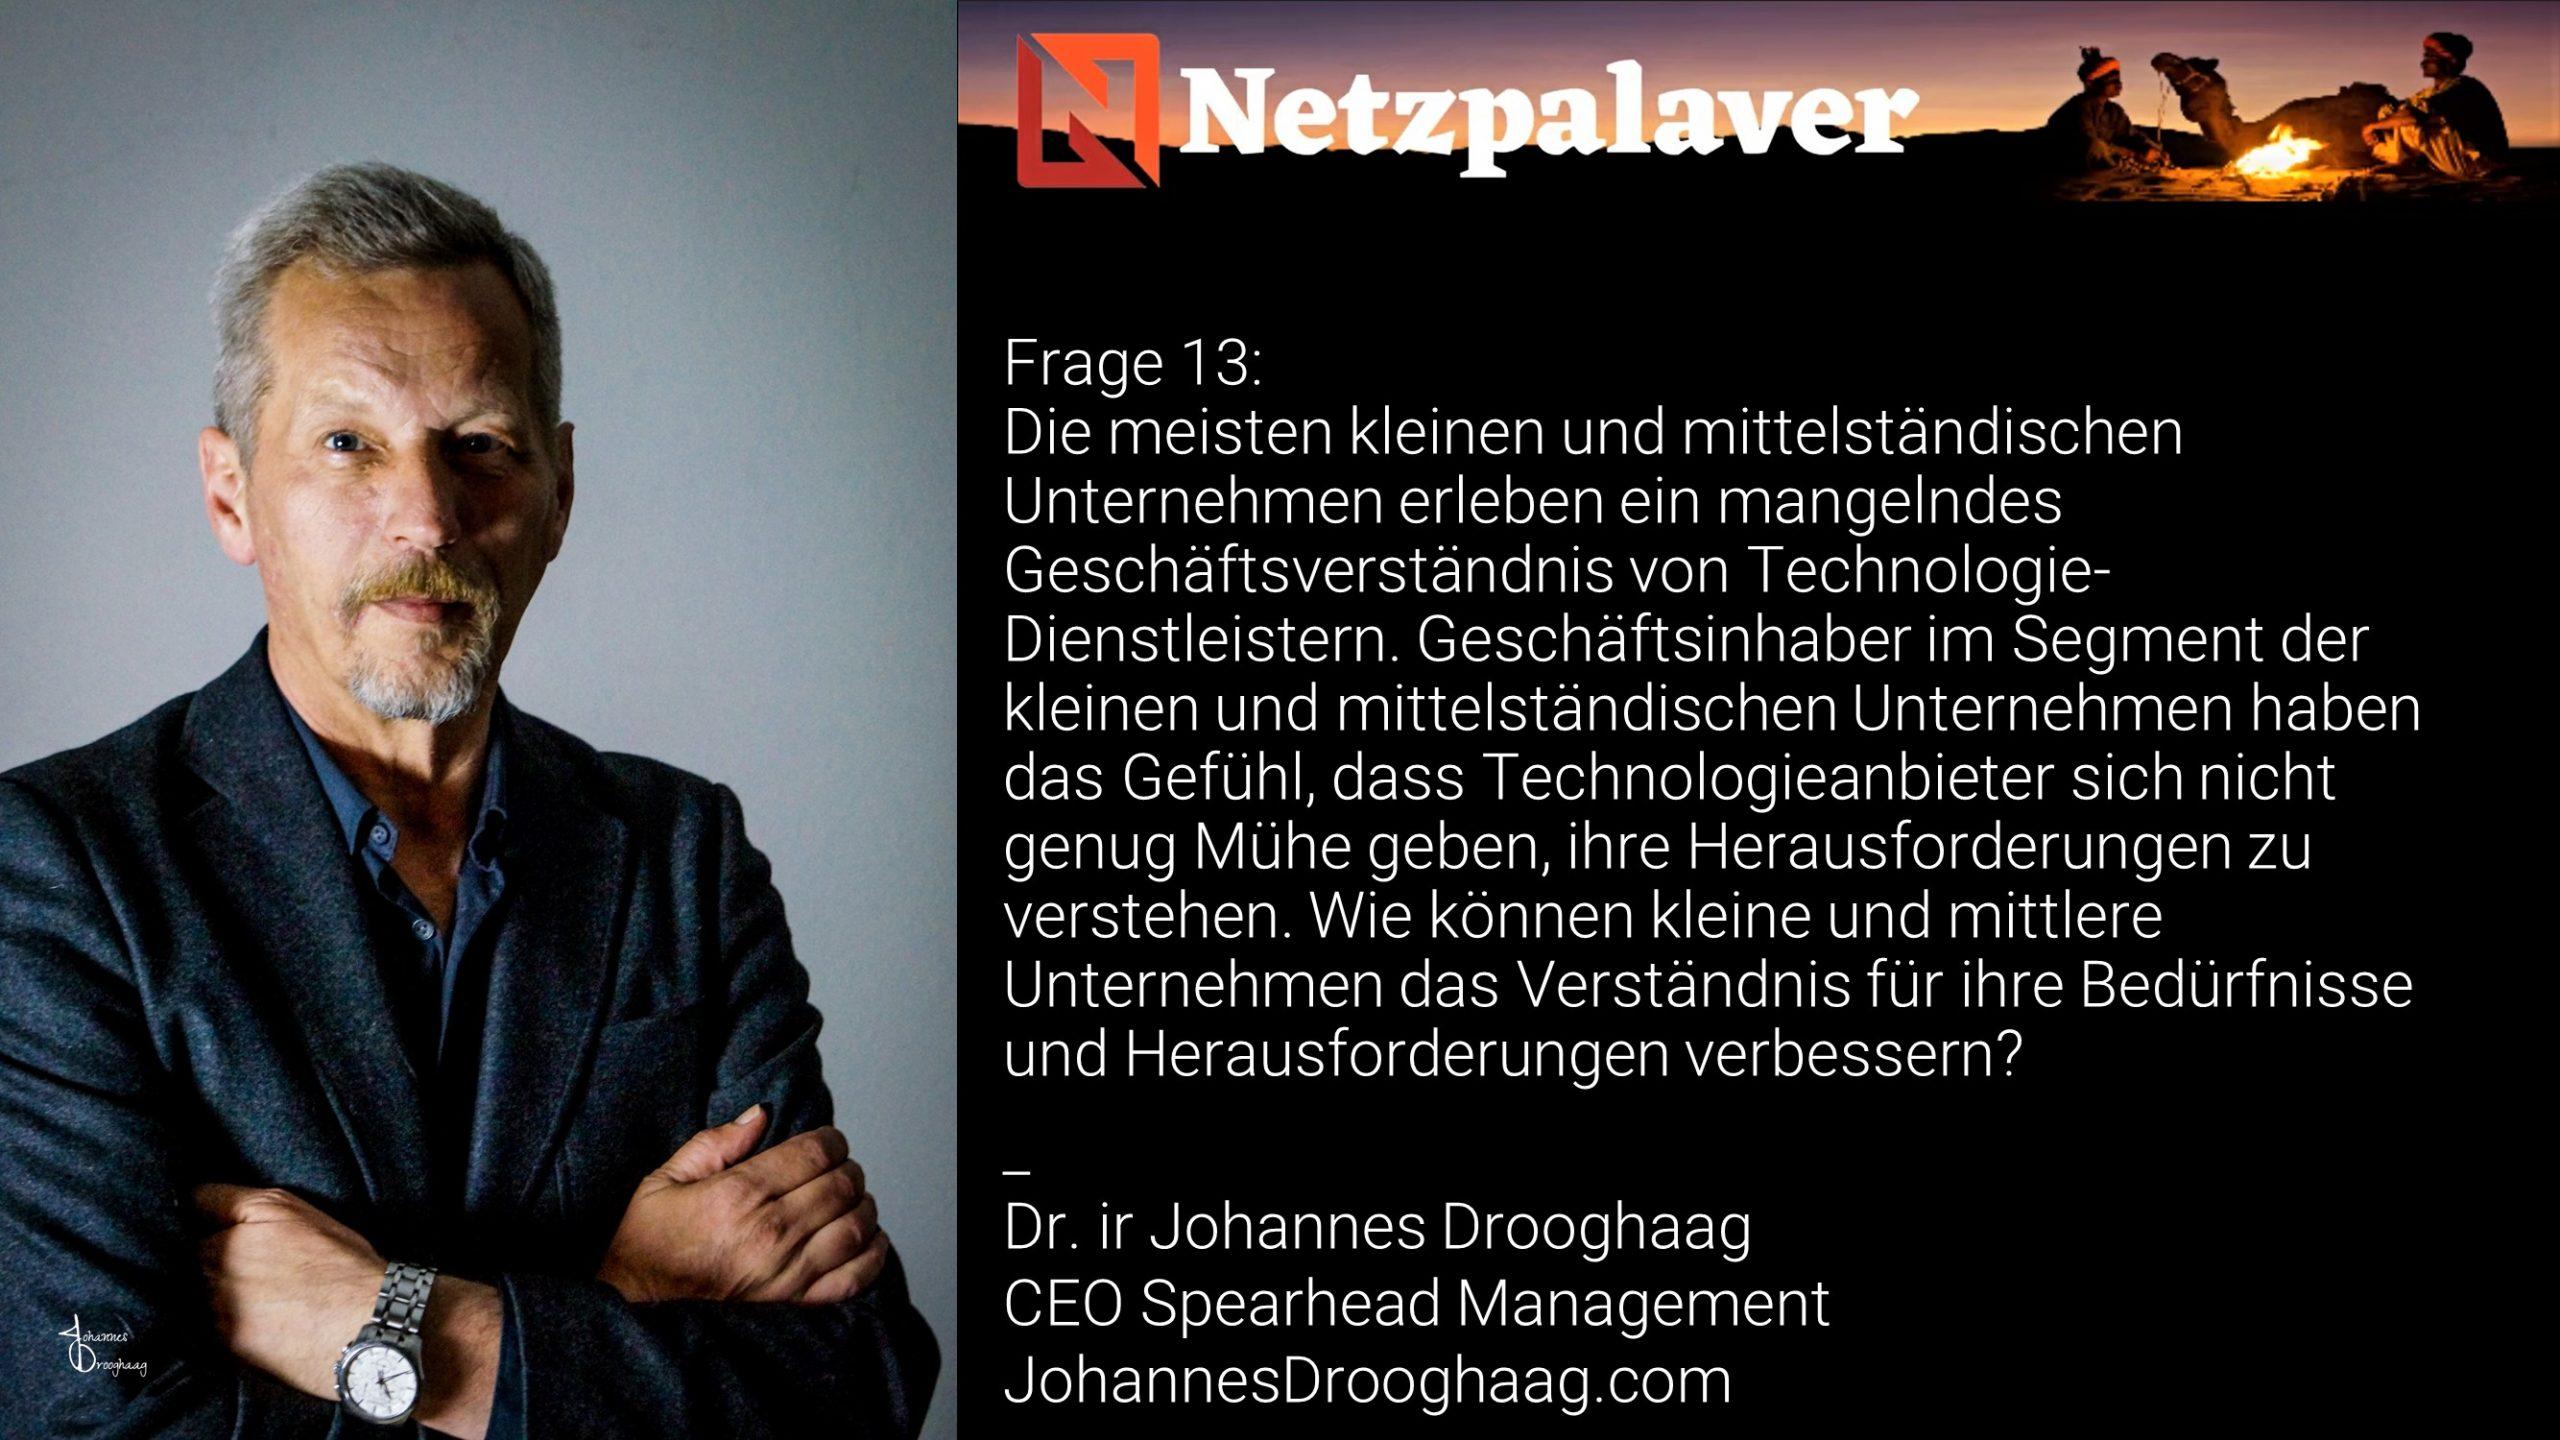 Netzpalaver: Mittelstand und Digitalisierung - Frage 13